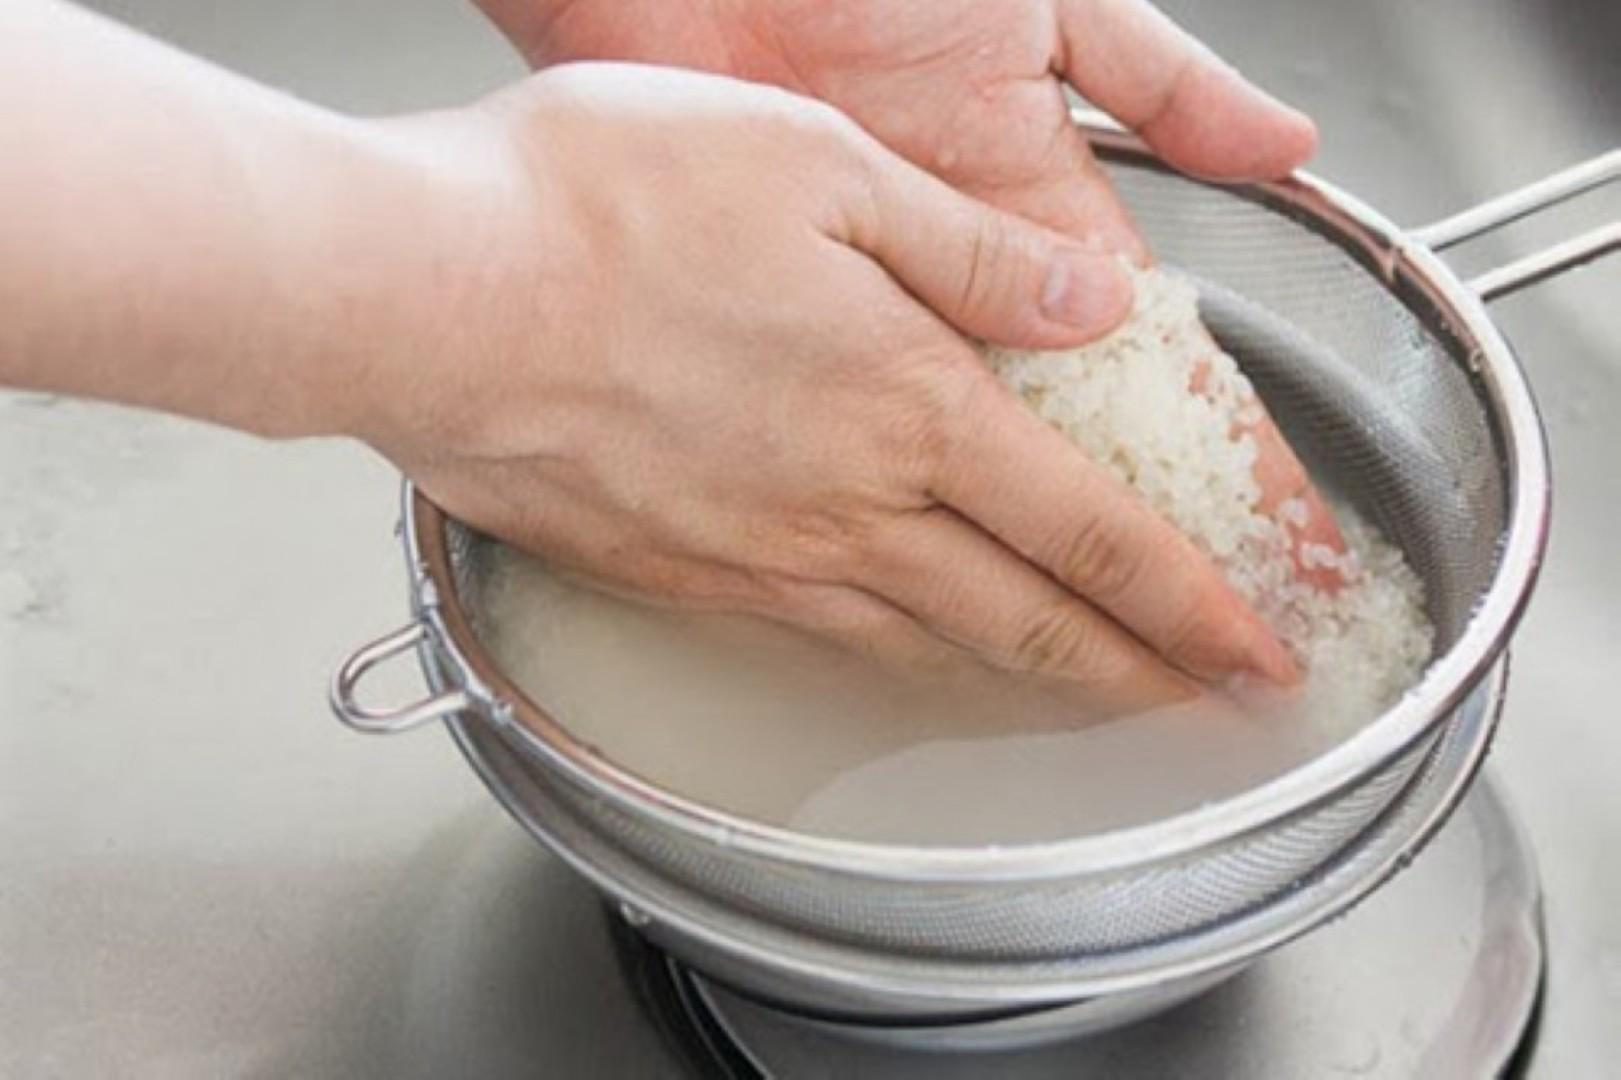 Chú ý vệ sinh khi vo gạo